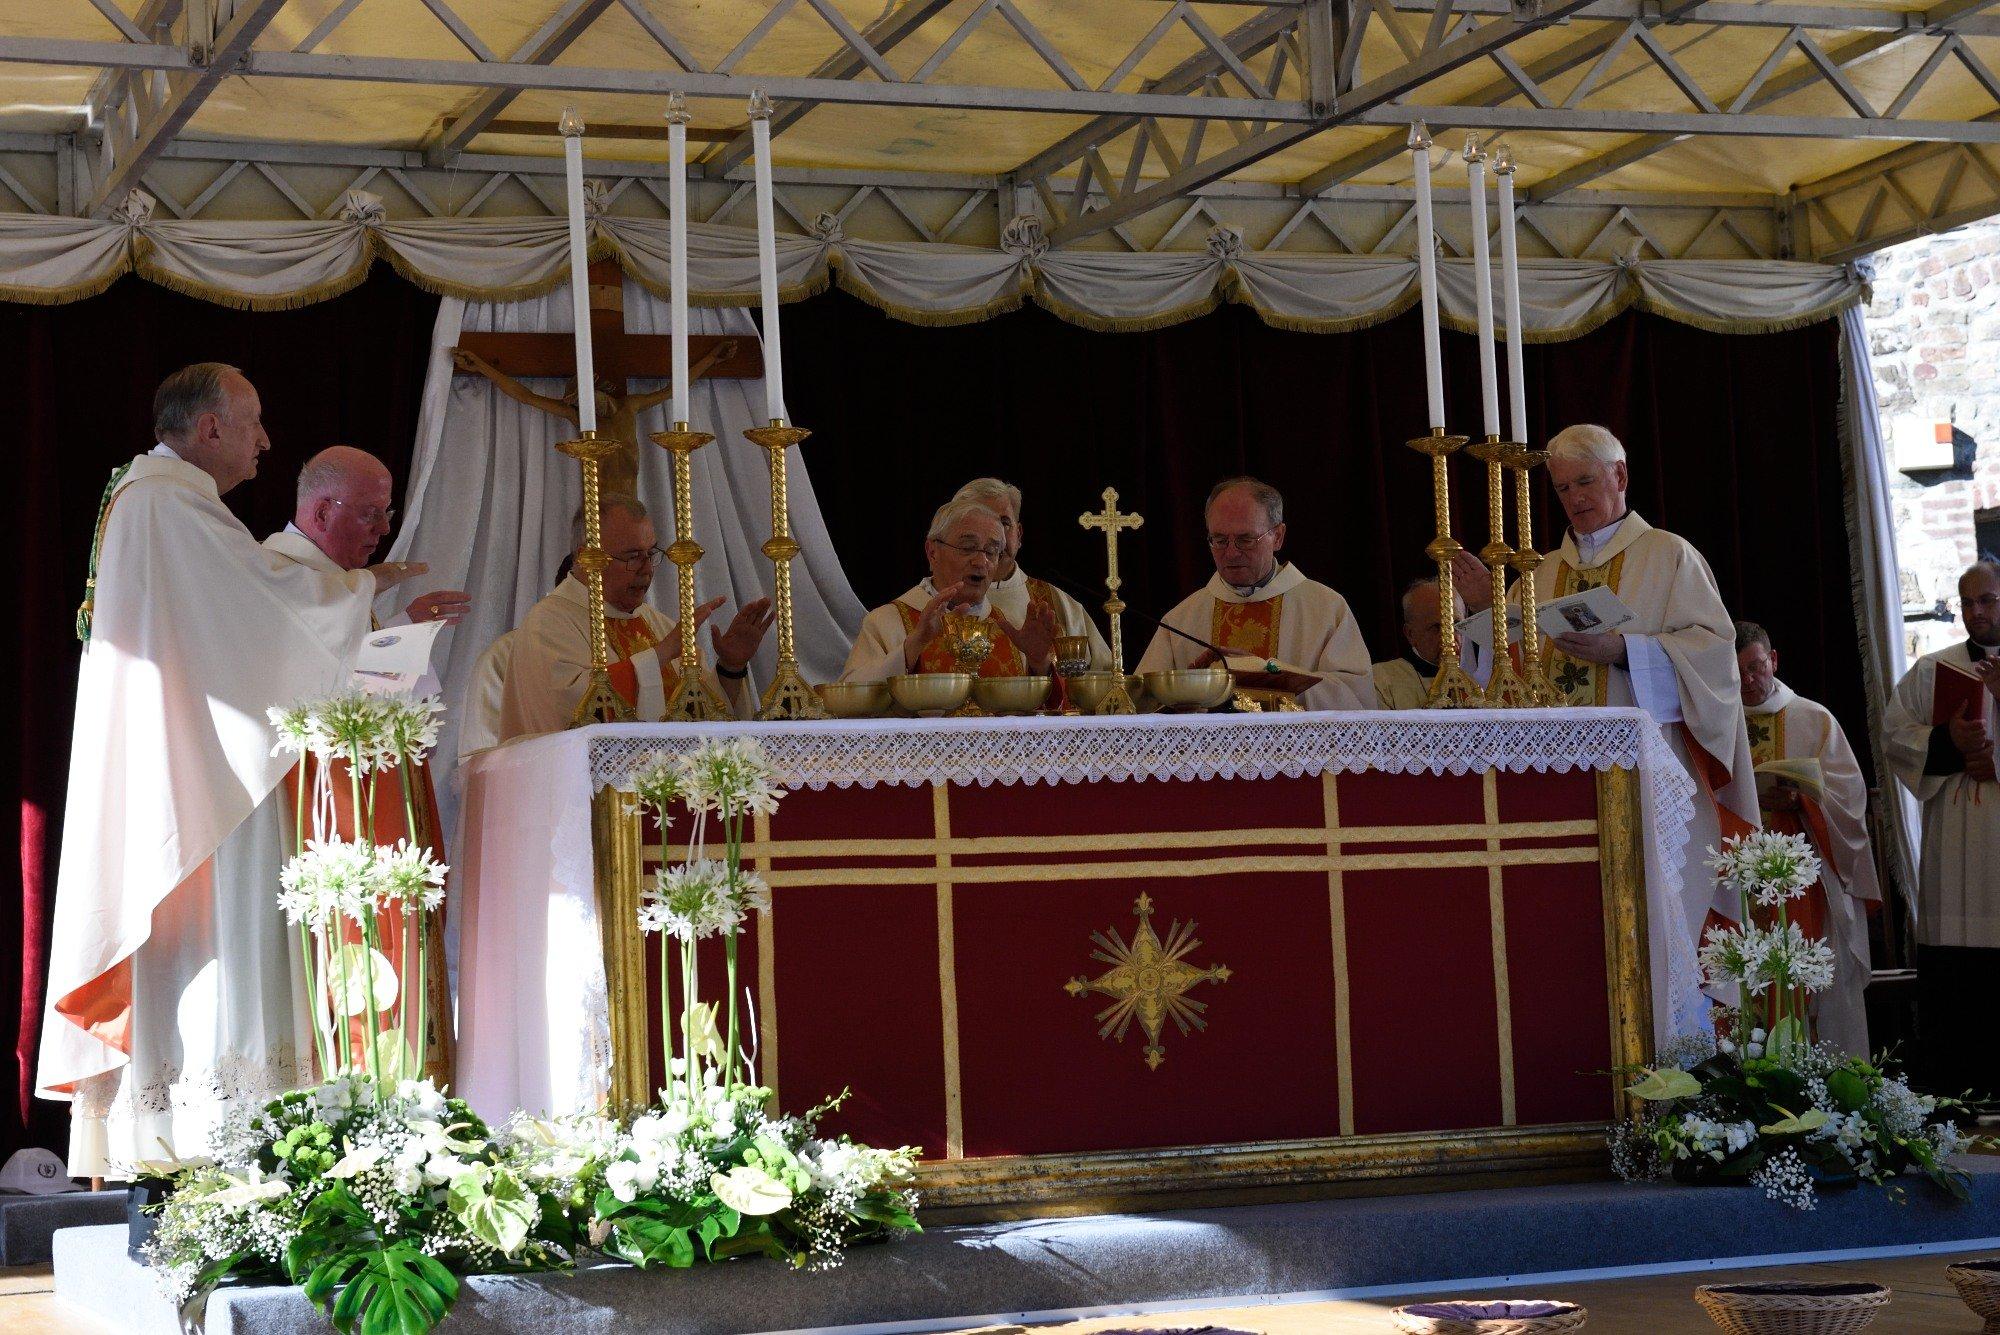 I Templari Cattolici d'Italia partecipano alla Santa Messa presieduta da Sua Eccellenza Monsignor Gianni Ambrosio, Vescovo di Piacenza e Bobbio alla presenza di autorità civili e religiose, e numerosi laici appartenenti alla comunità Colombiana europea.